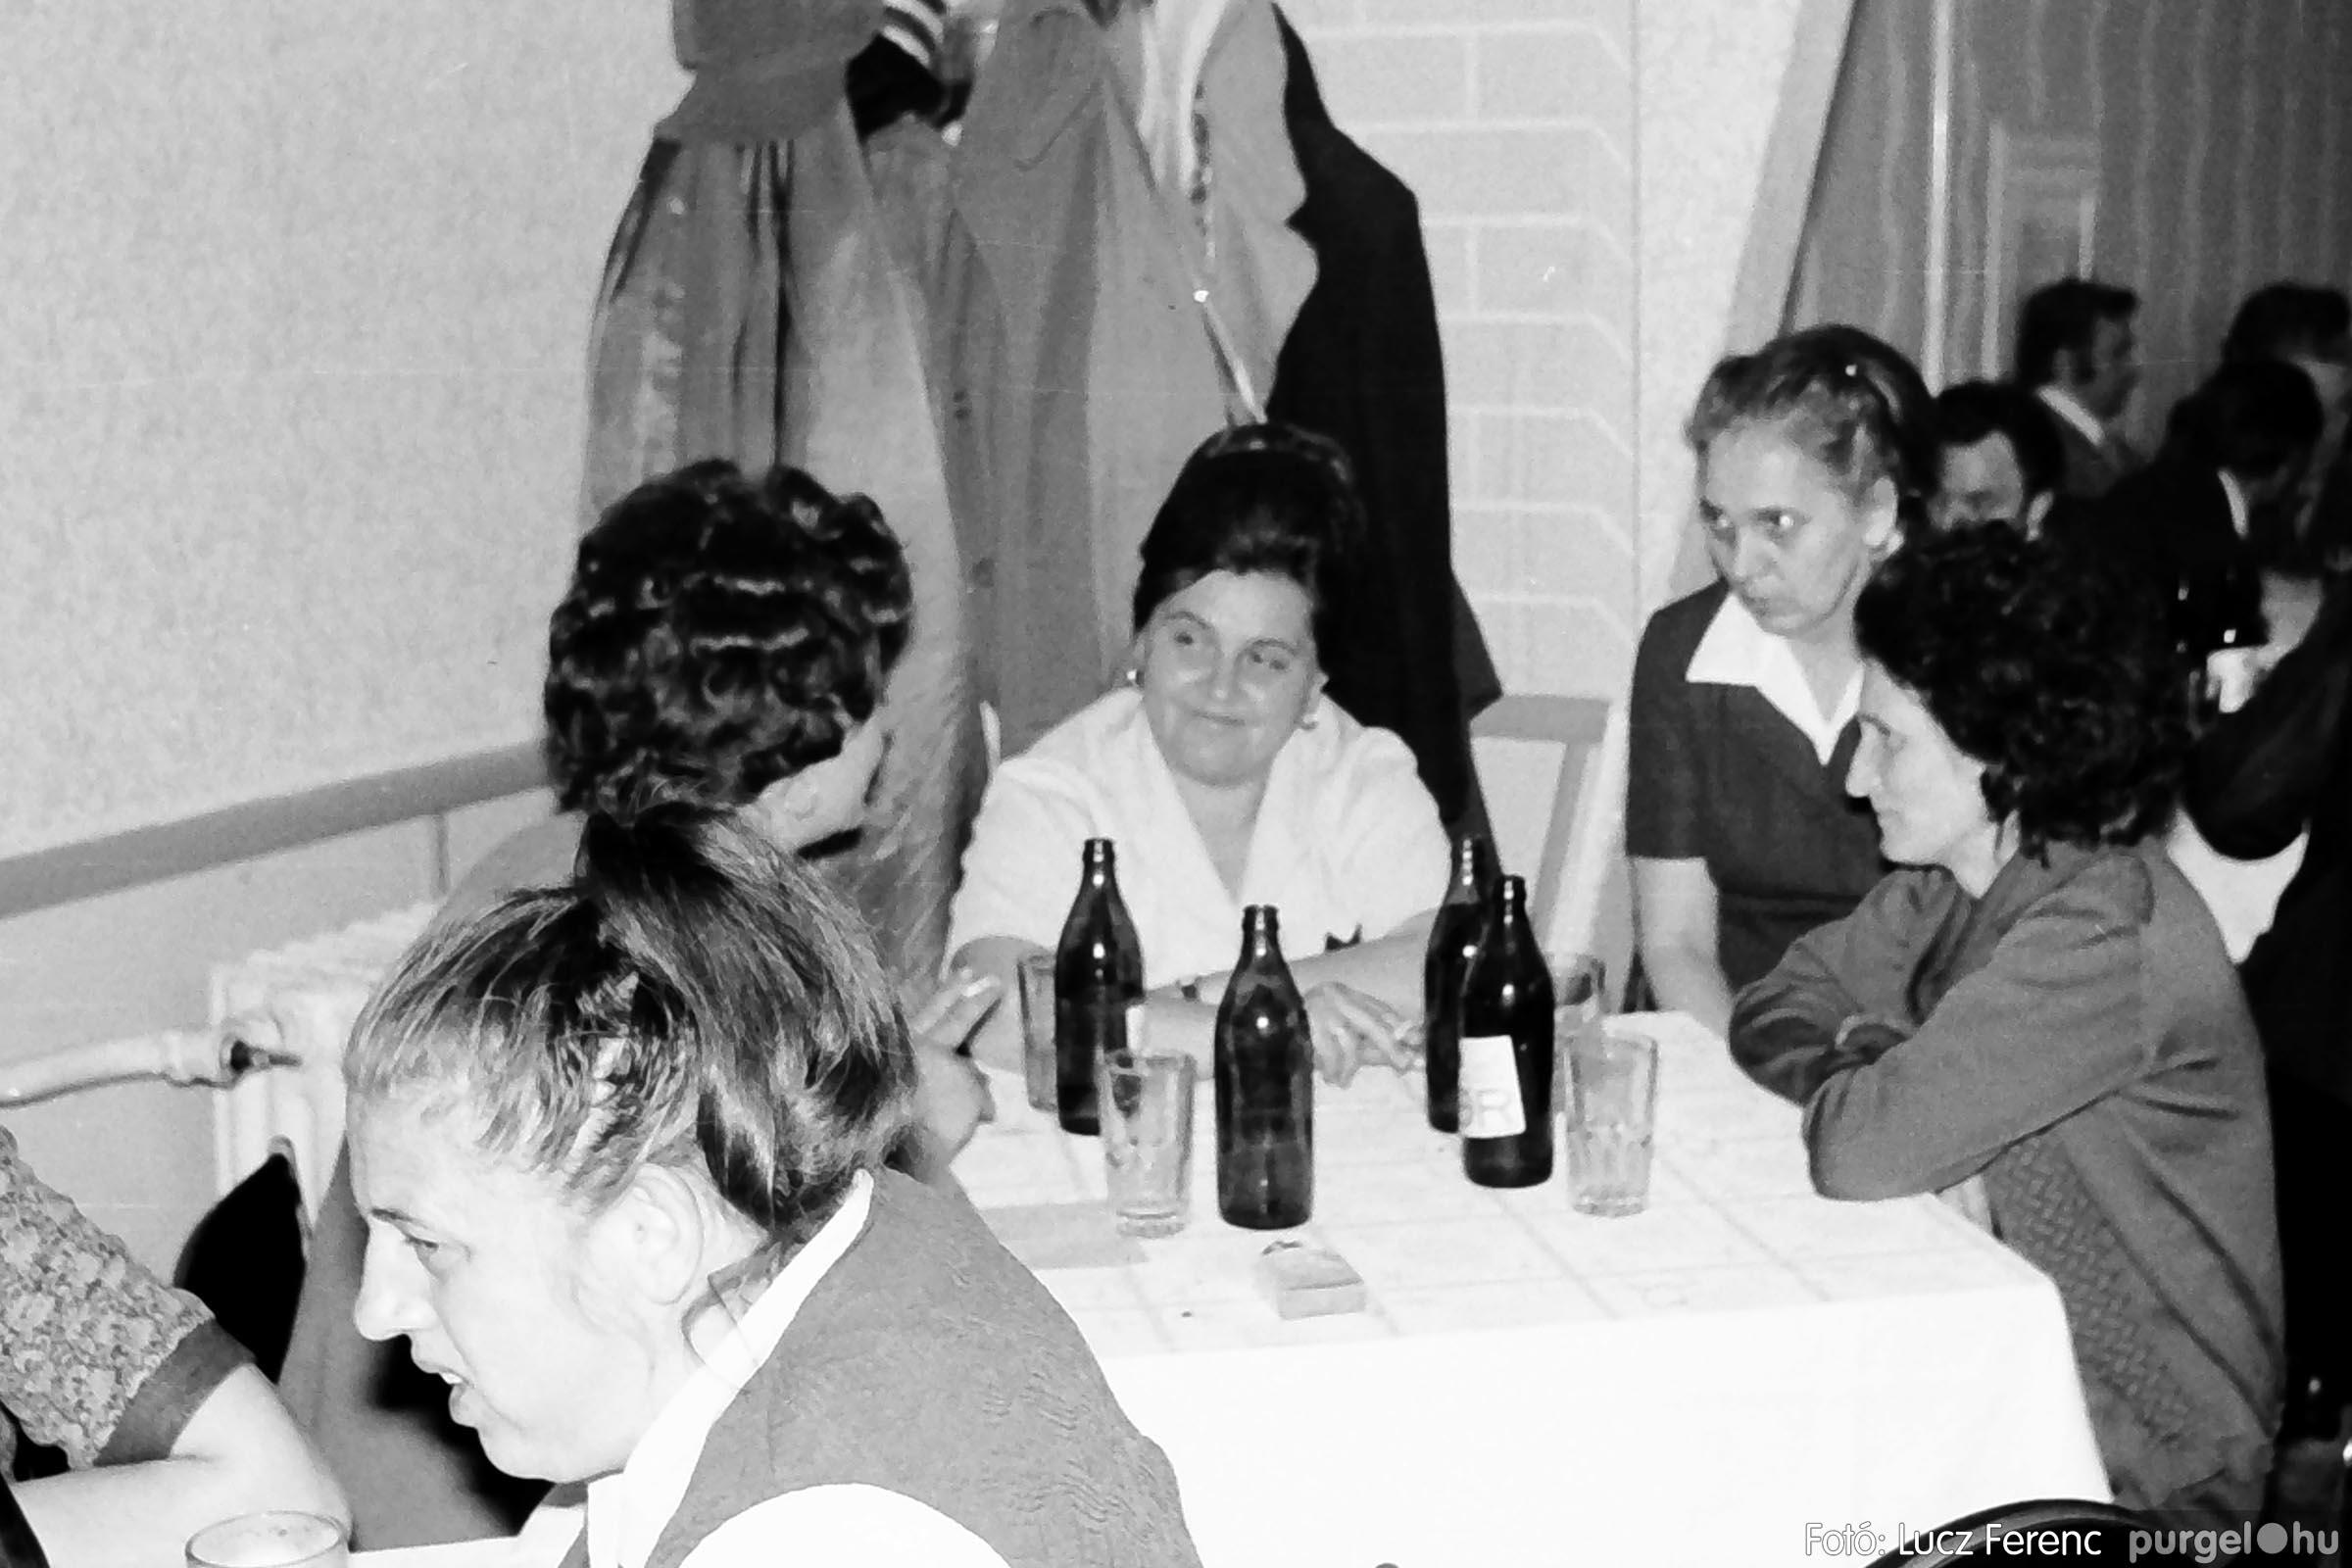 009 1975.04.04. Április 4-i ünnepség utáni fogadás a vendéglőben 001 - Fotó: Lucz Ferenc IMG00172q.jpg